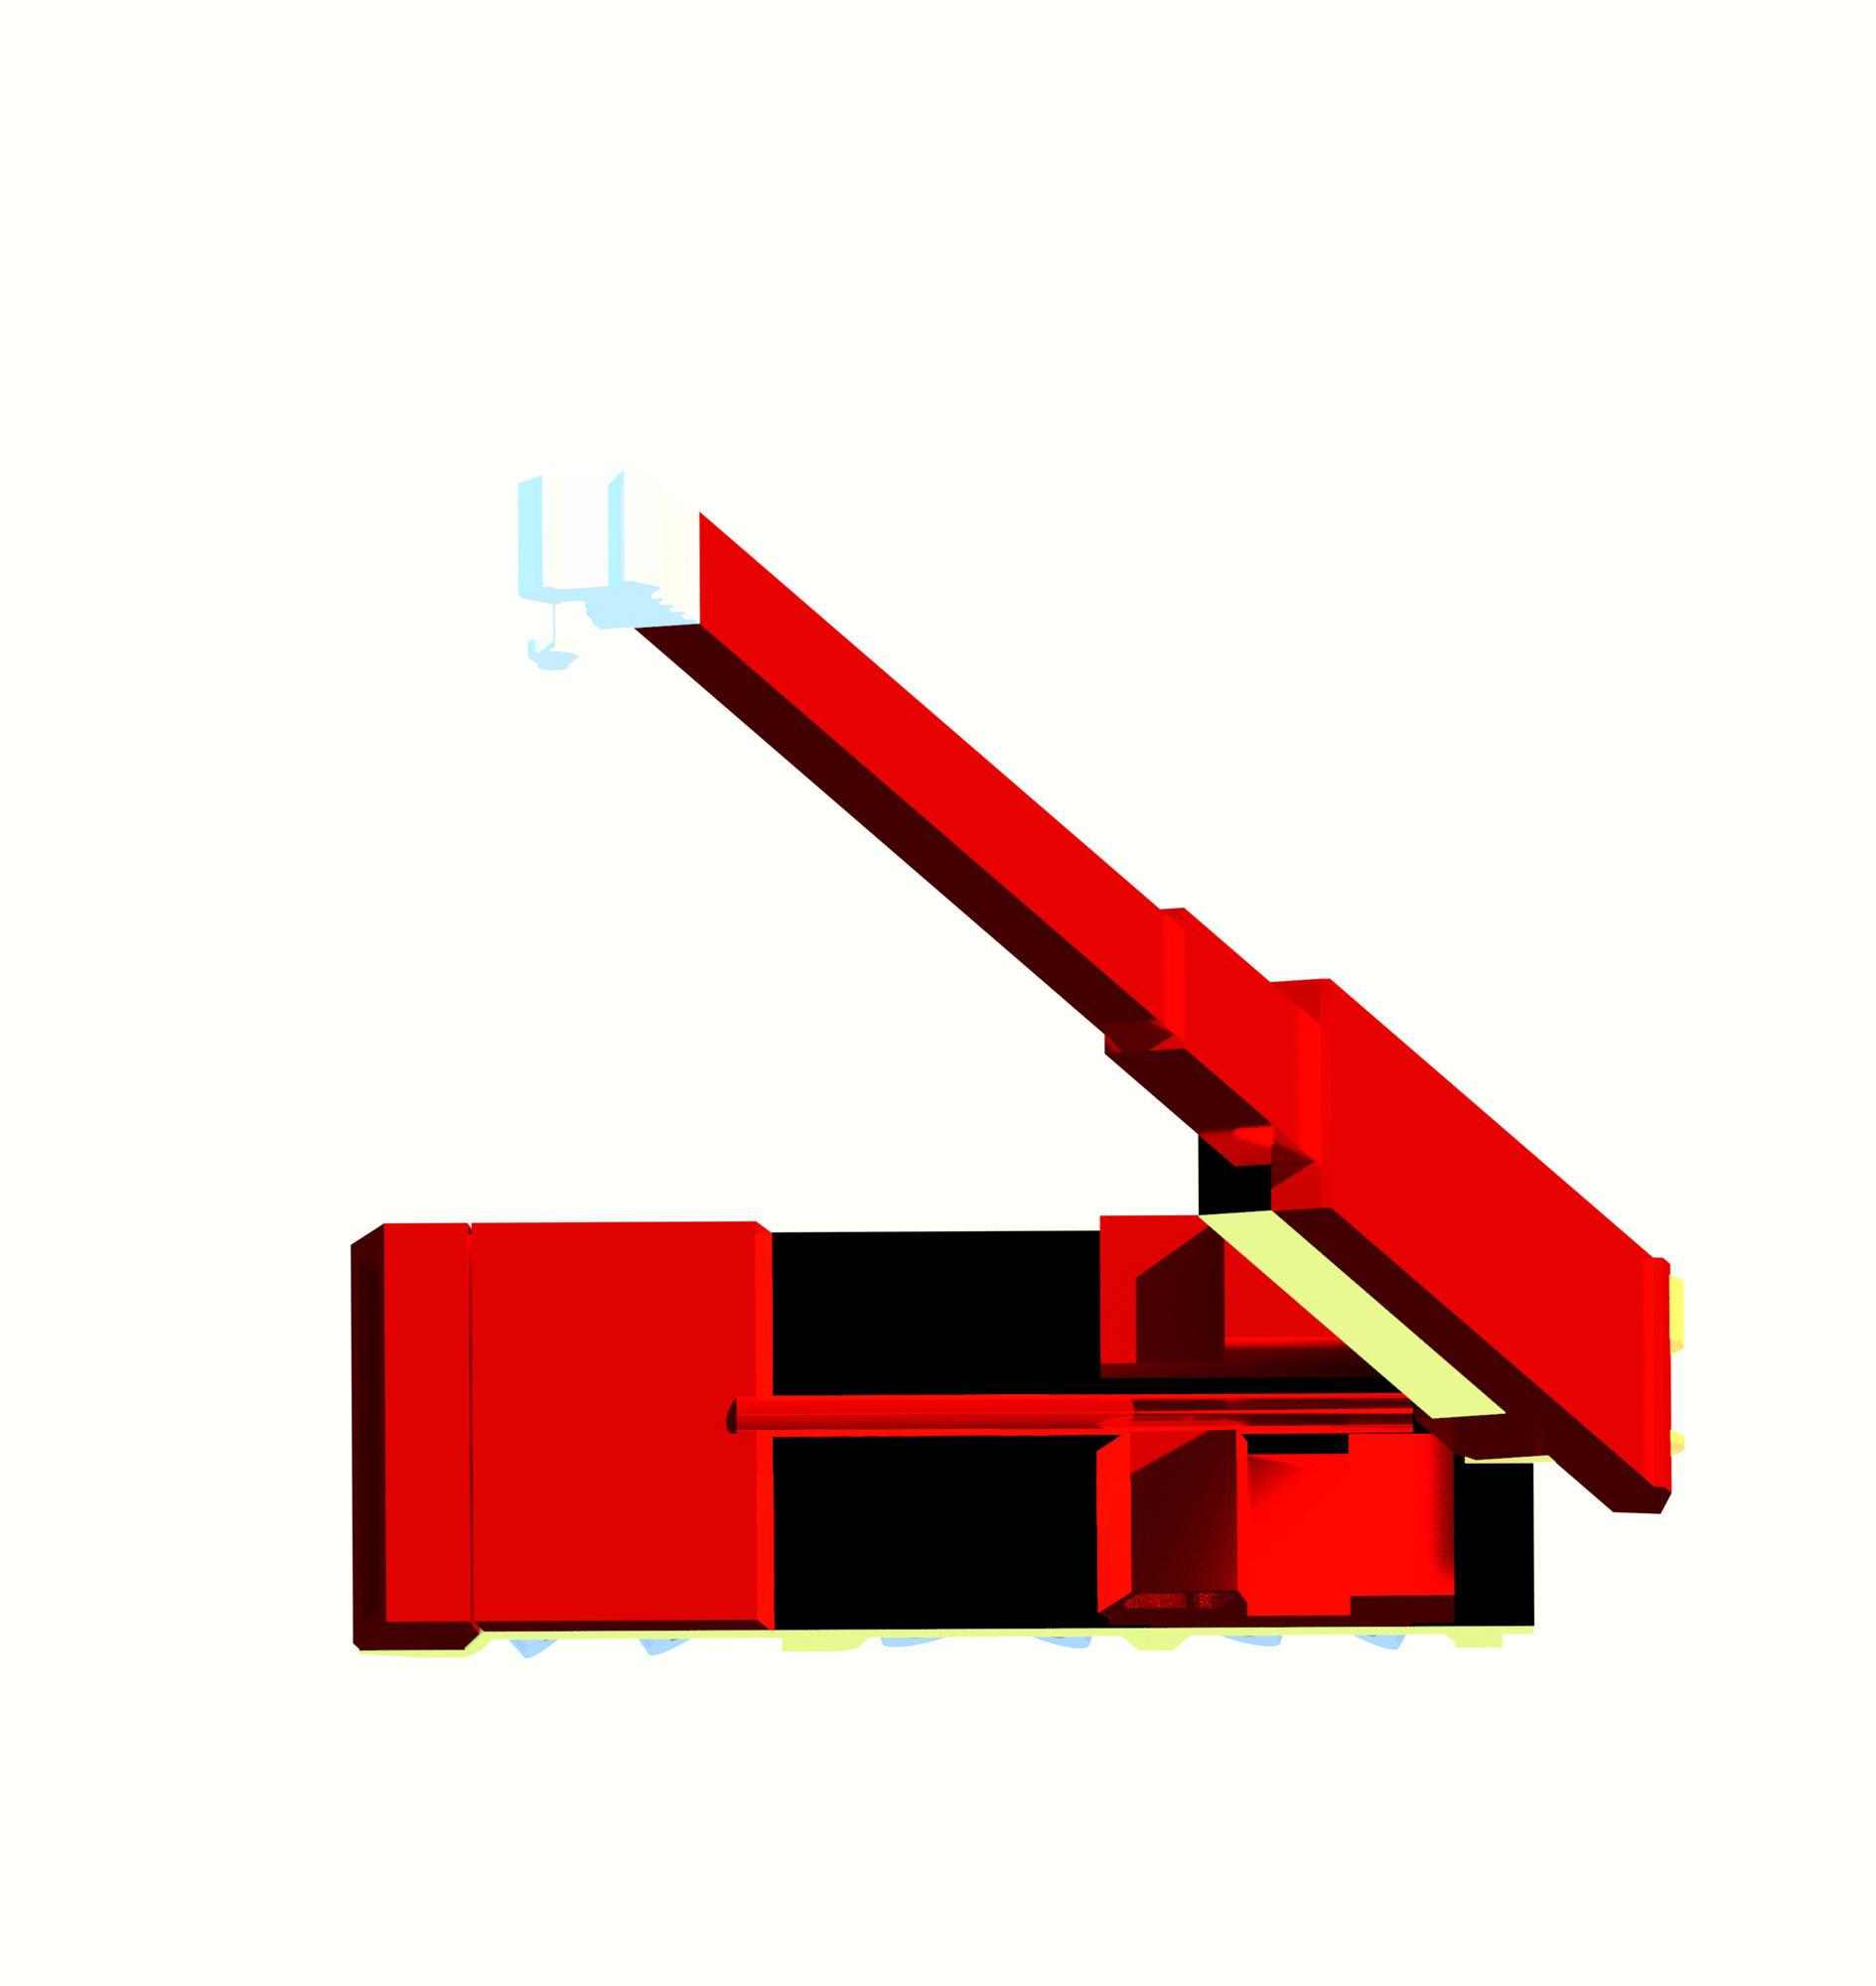 Raas-rendering20150131-11449-13la0y9